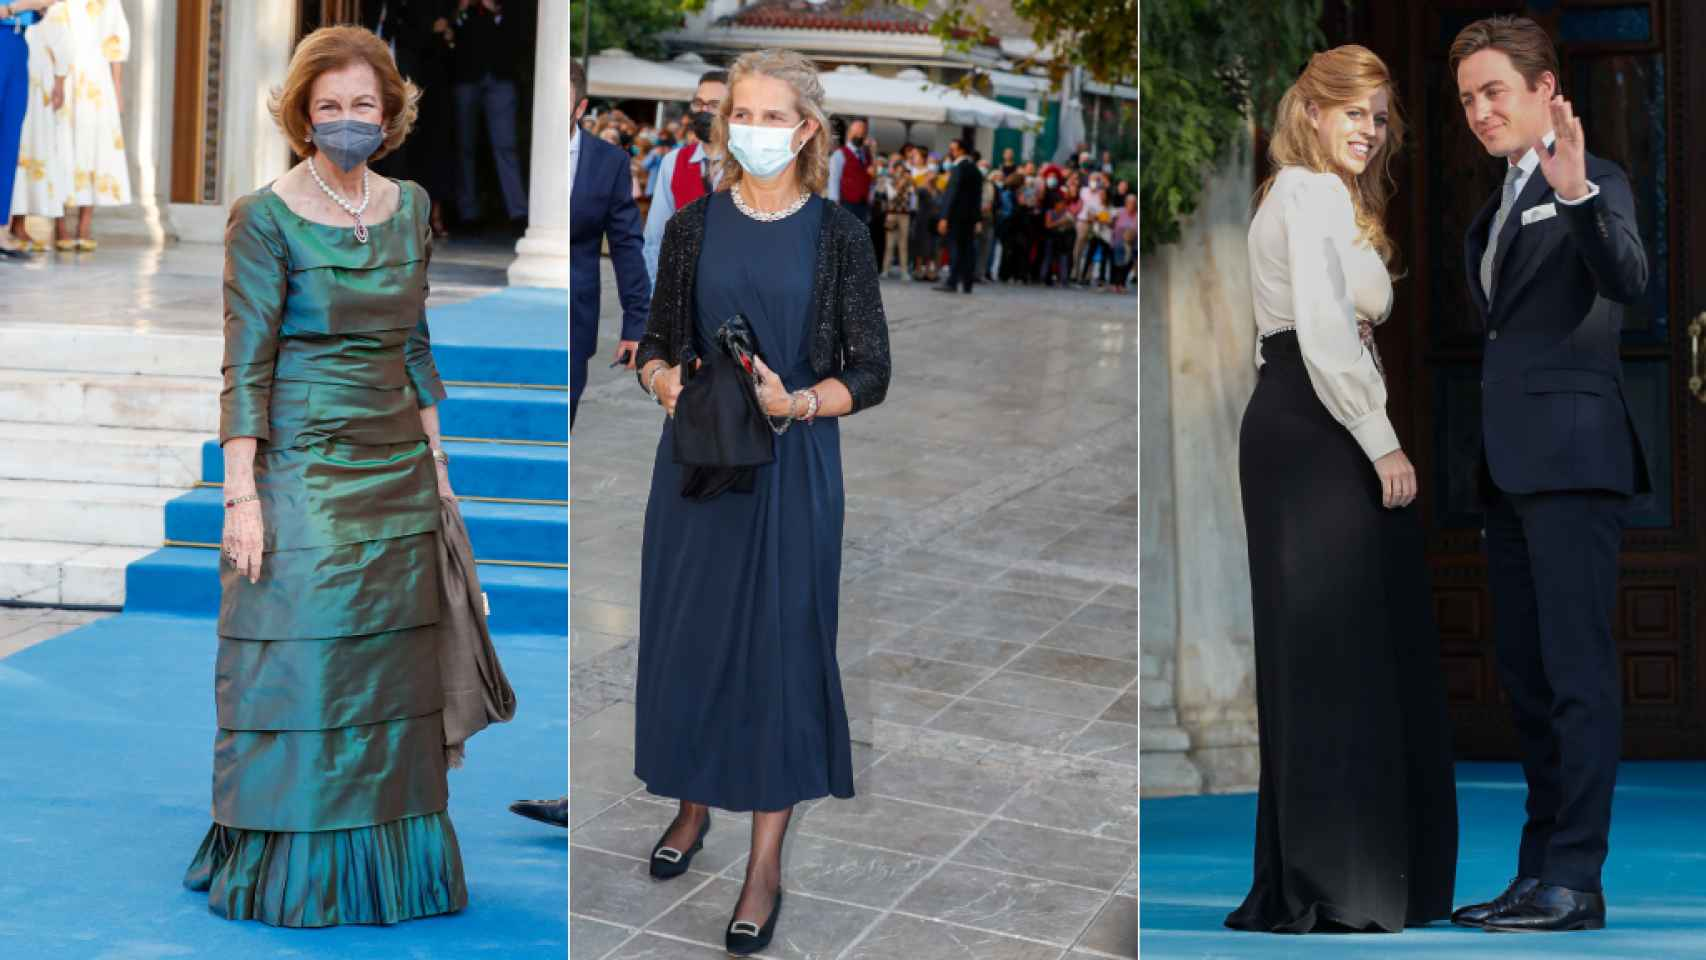 La reina Sofía, la infanta Elena, Beatriz de York y Edoardo Mapelli en la boda de Philippos de Grecia y Nina Flohr.